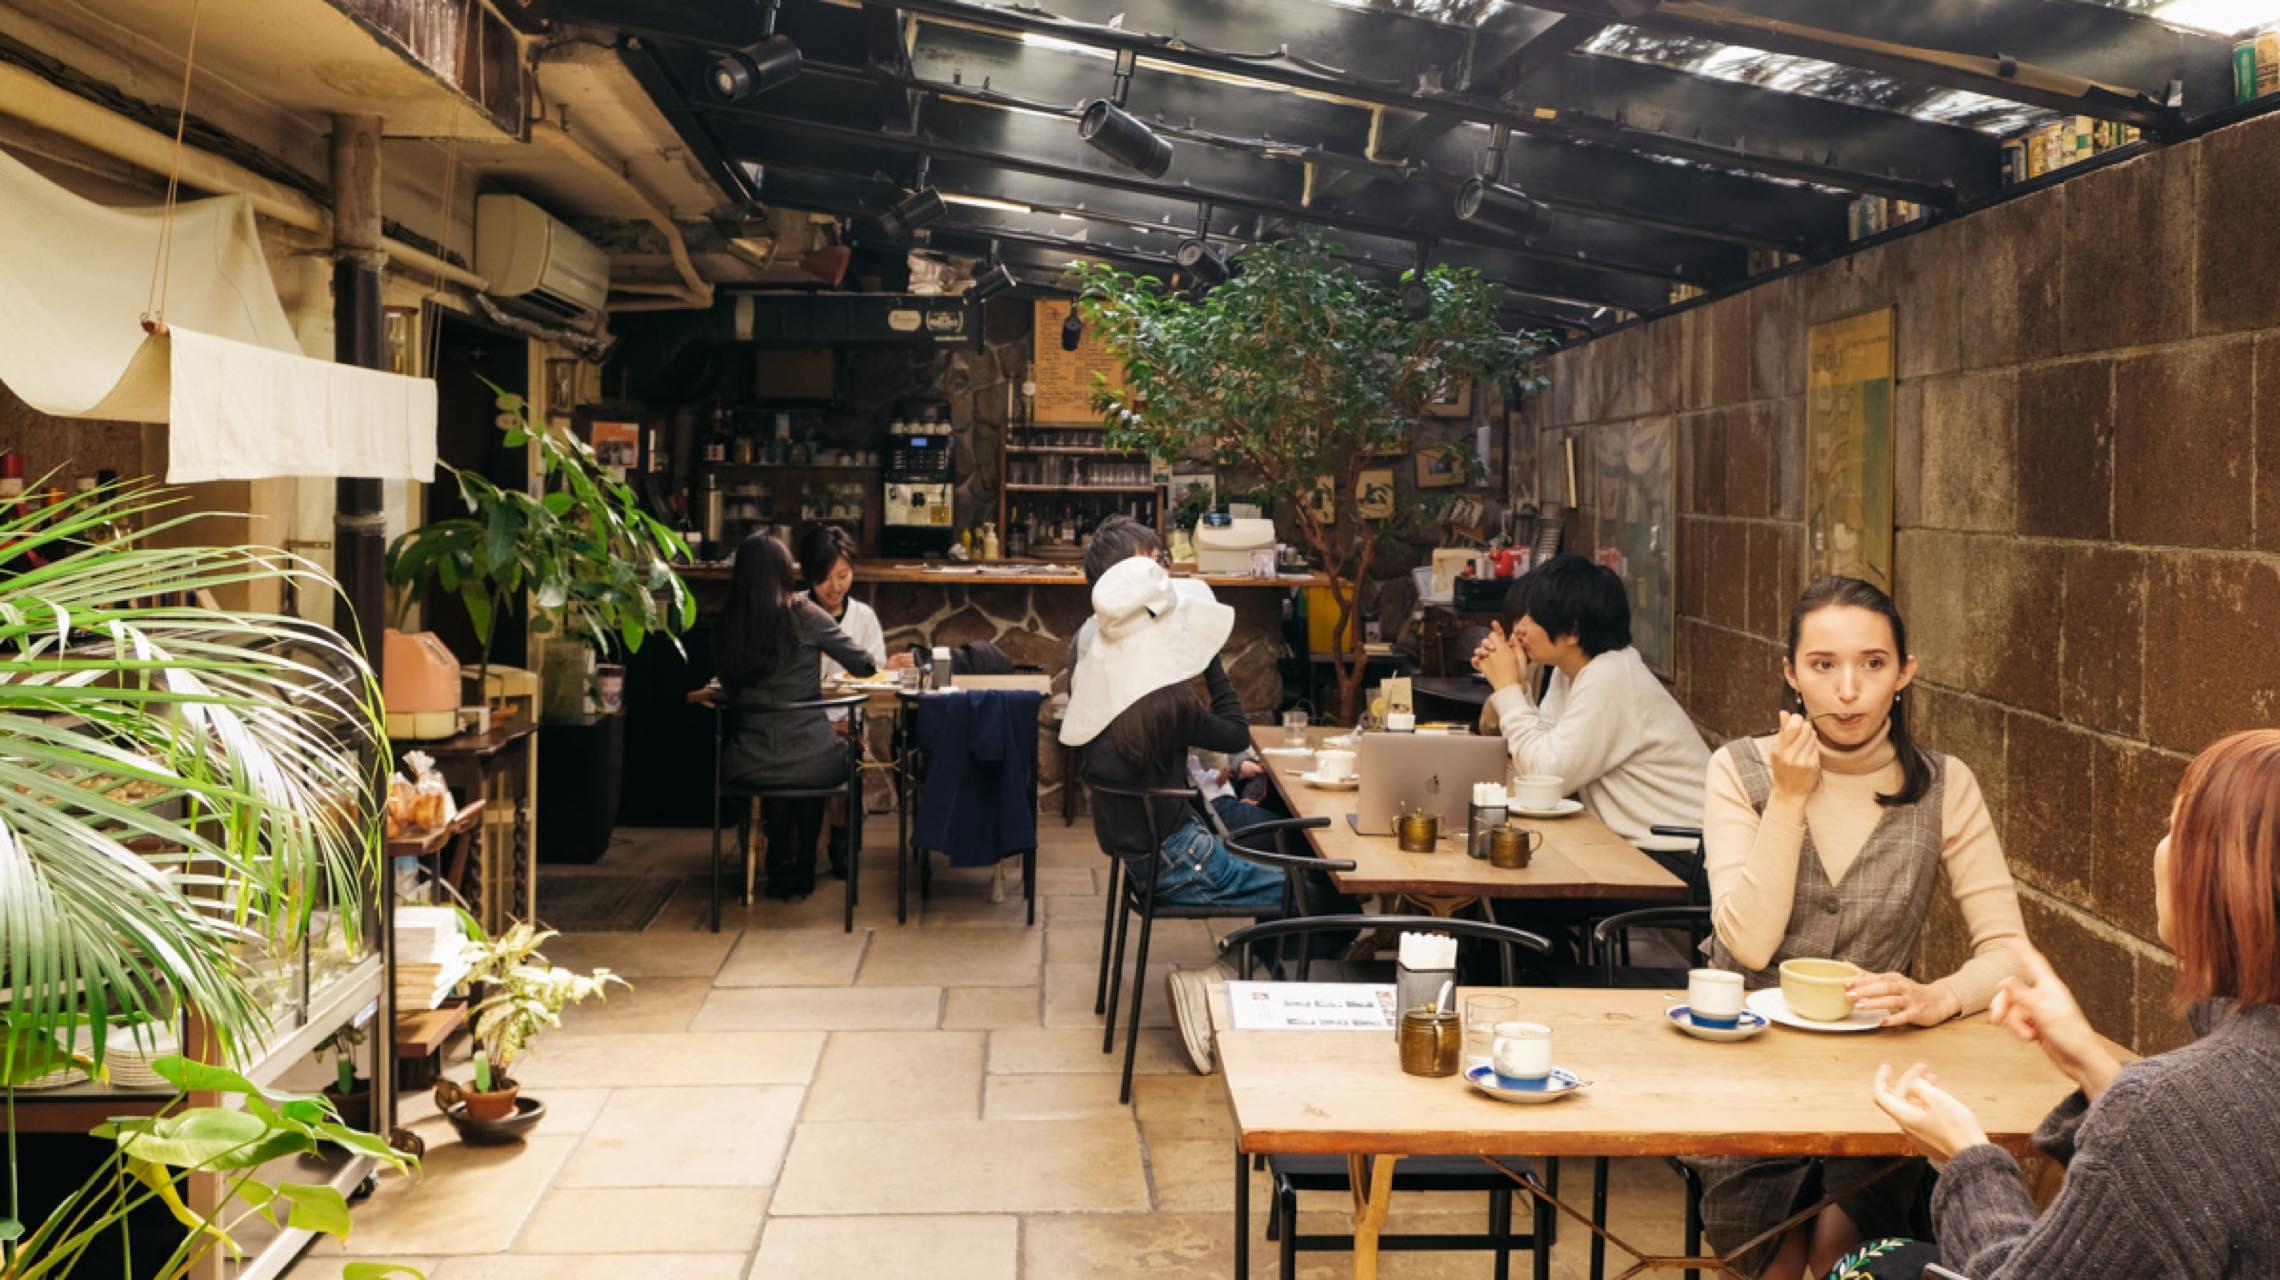 斉藤アリスと考える「会いにいきたい」カフェ。いいカフェは、店主の「人感」がある